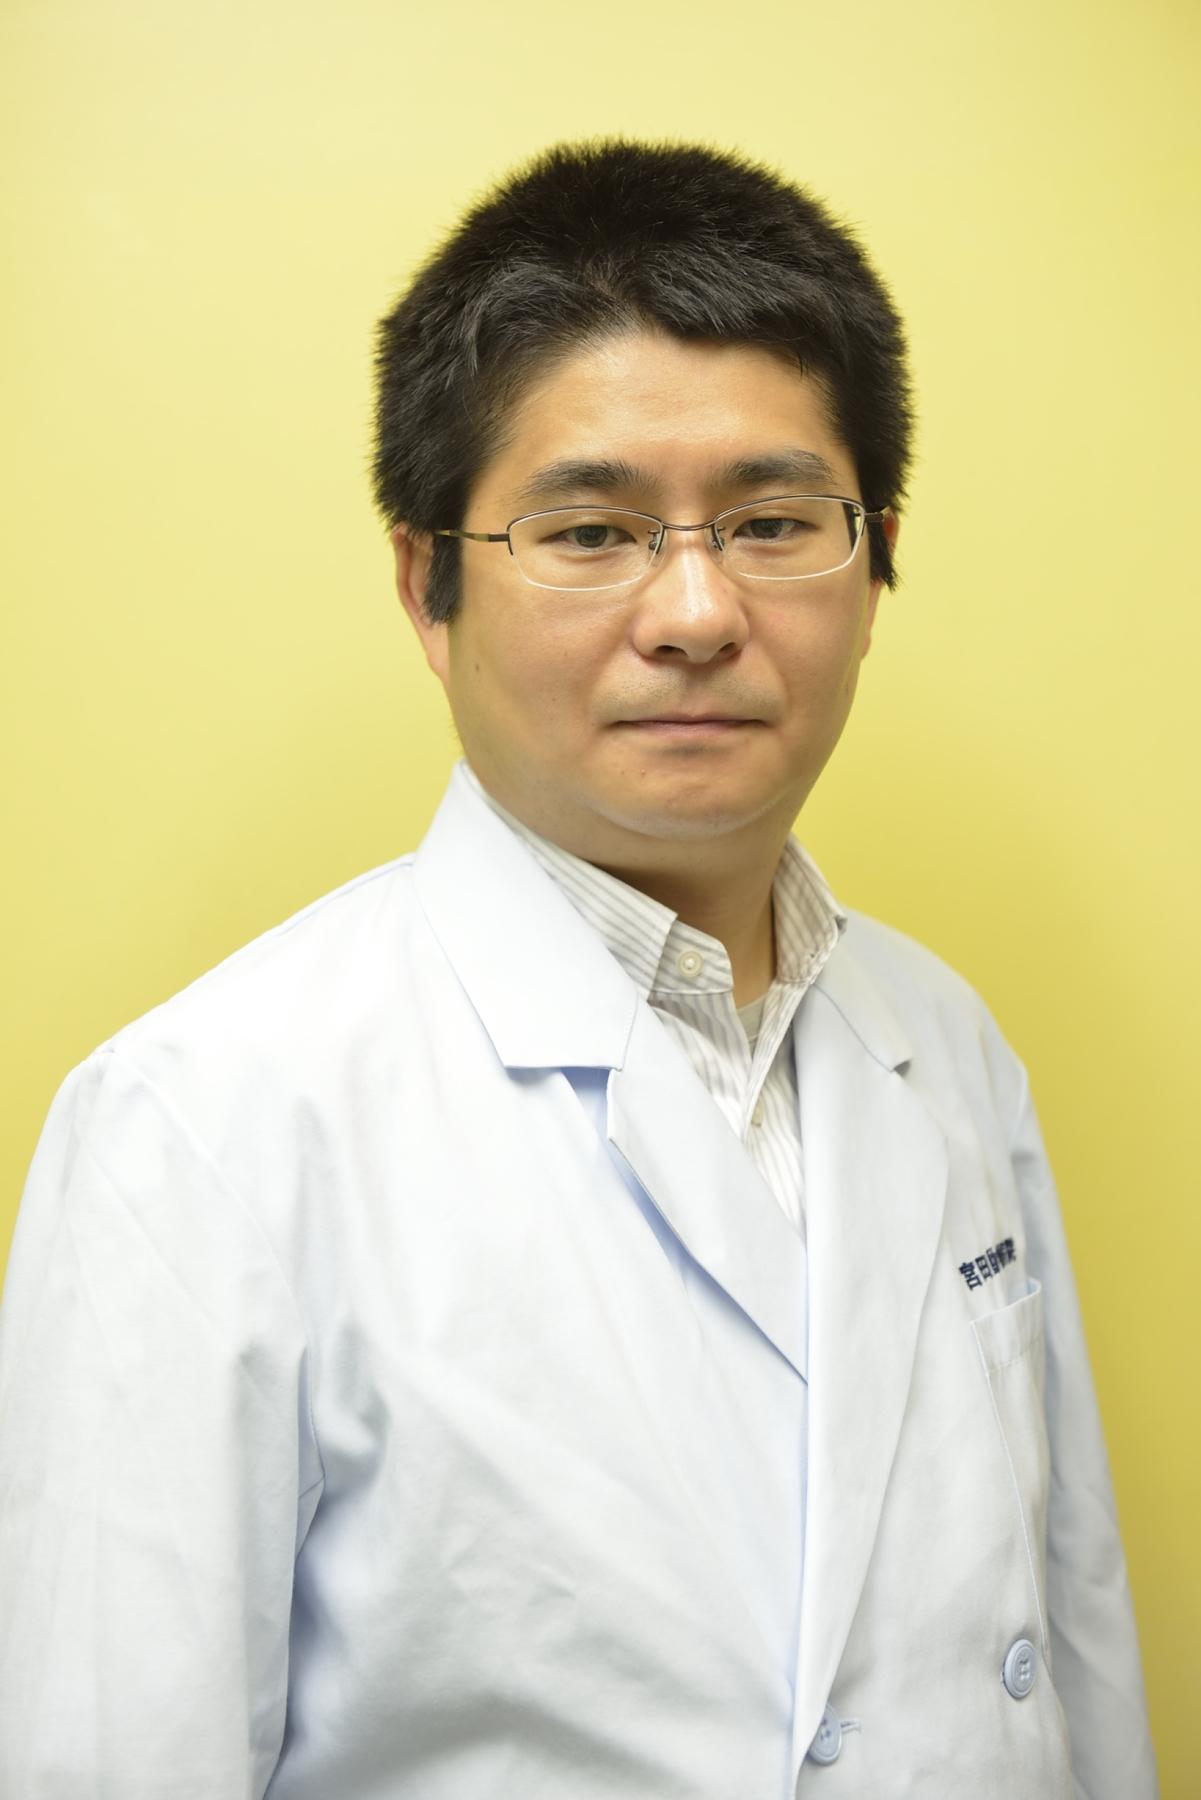 宮田容太(獣医師)